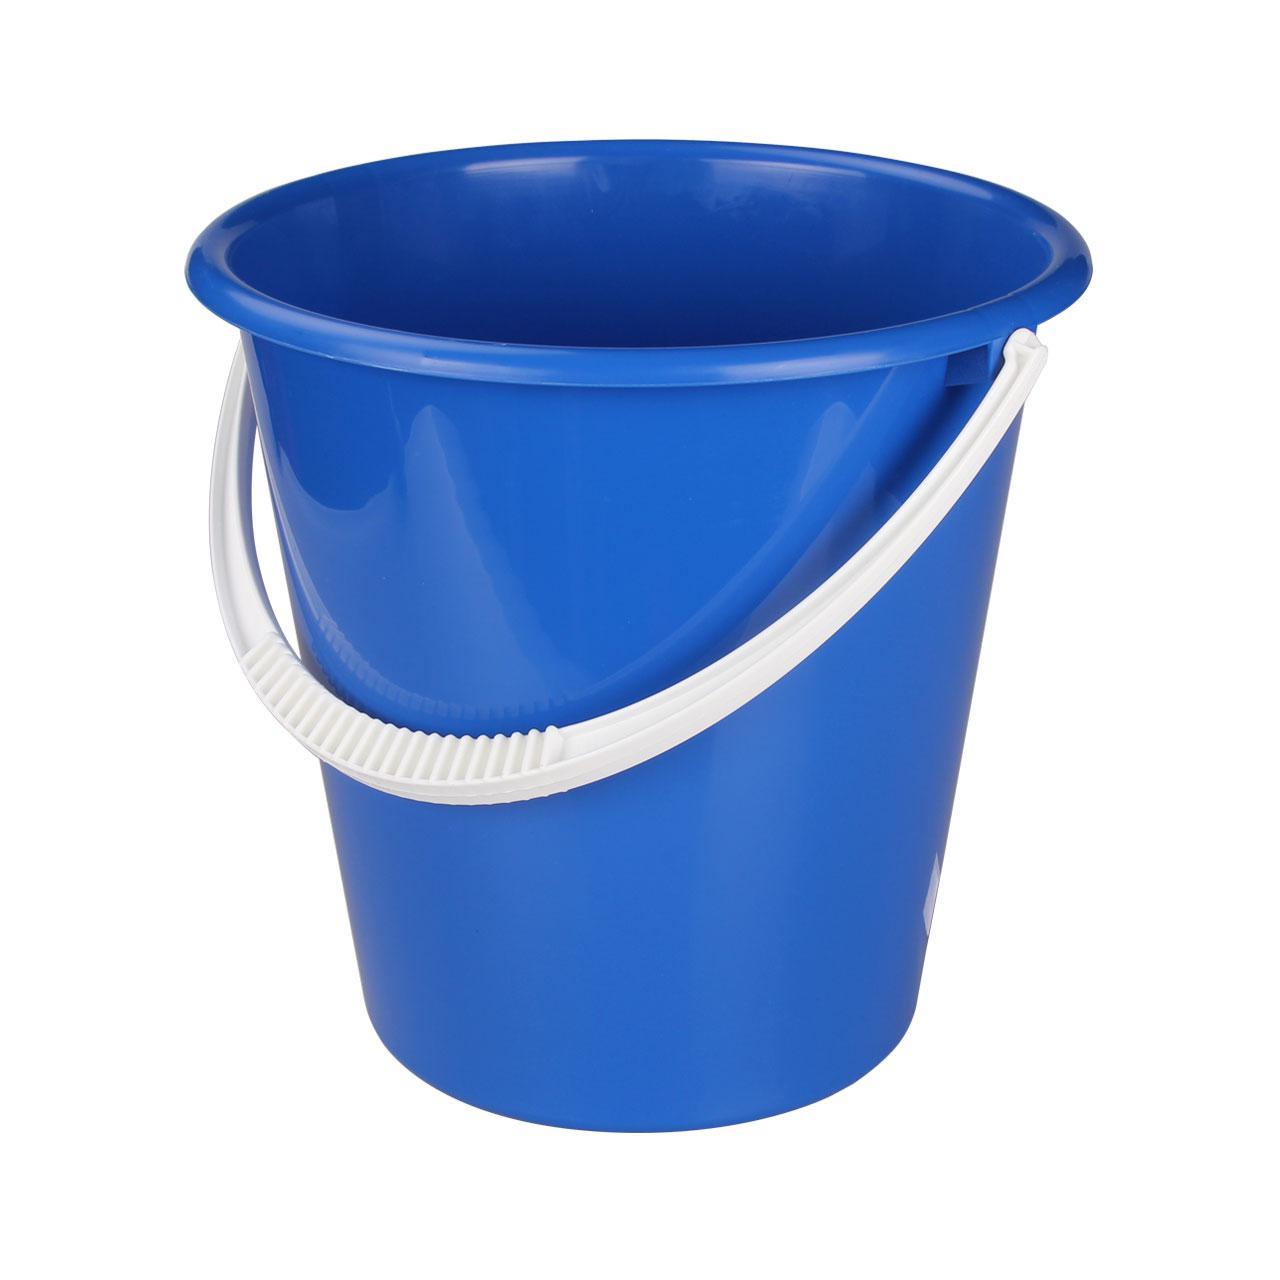 Ведро Альтернатива Крепыш, цвет: синий, 12 лМ520_синийВедро Альтернатива Крепыш, изготовленное из высококачественного пластика, оснащено удобной ручкой. Оно легче железного и не подвергается коррозии. Такое ведро станет незаменимым помощником в хозяйстве. Диаметр (по верхнему краю): 30 см. Высота: 29 см.